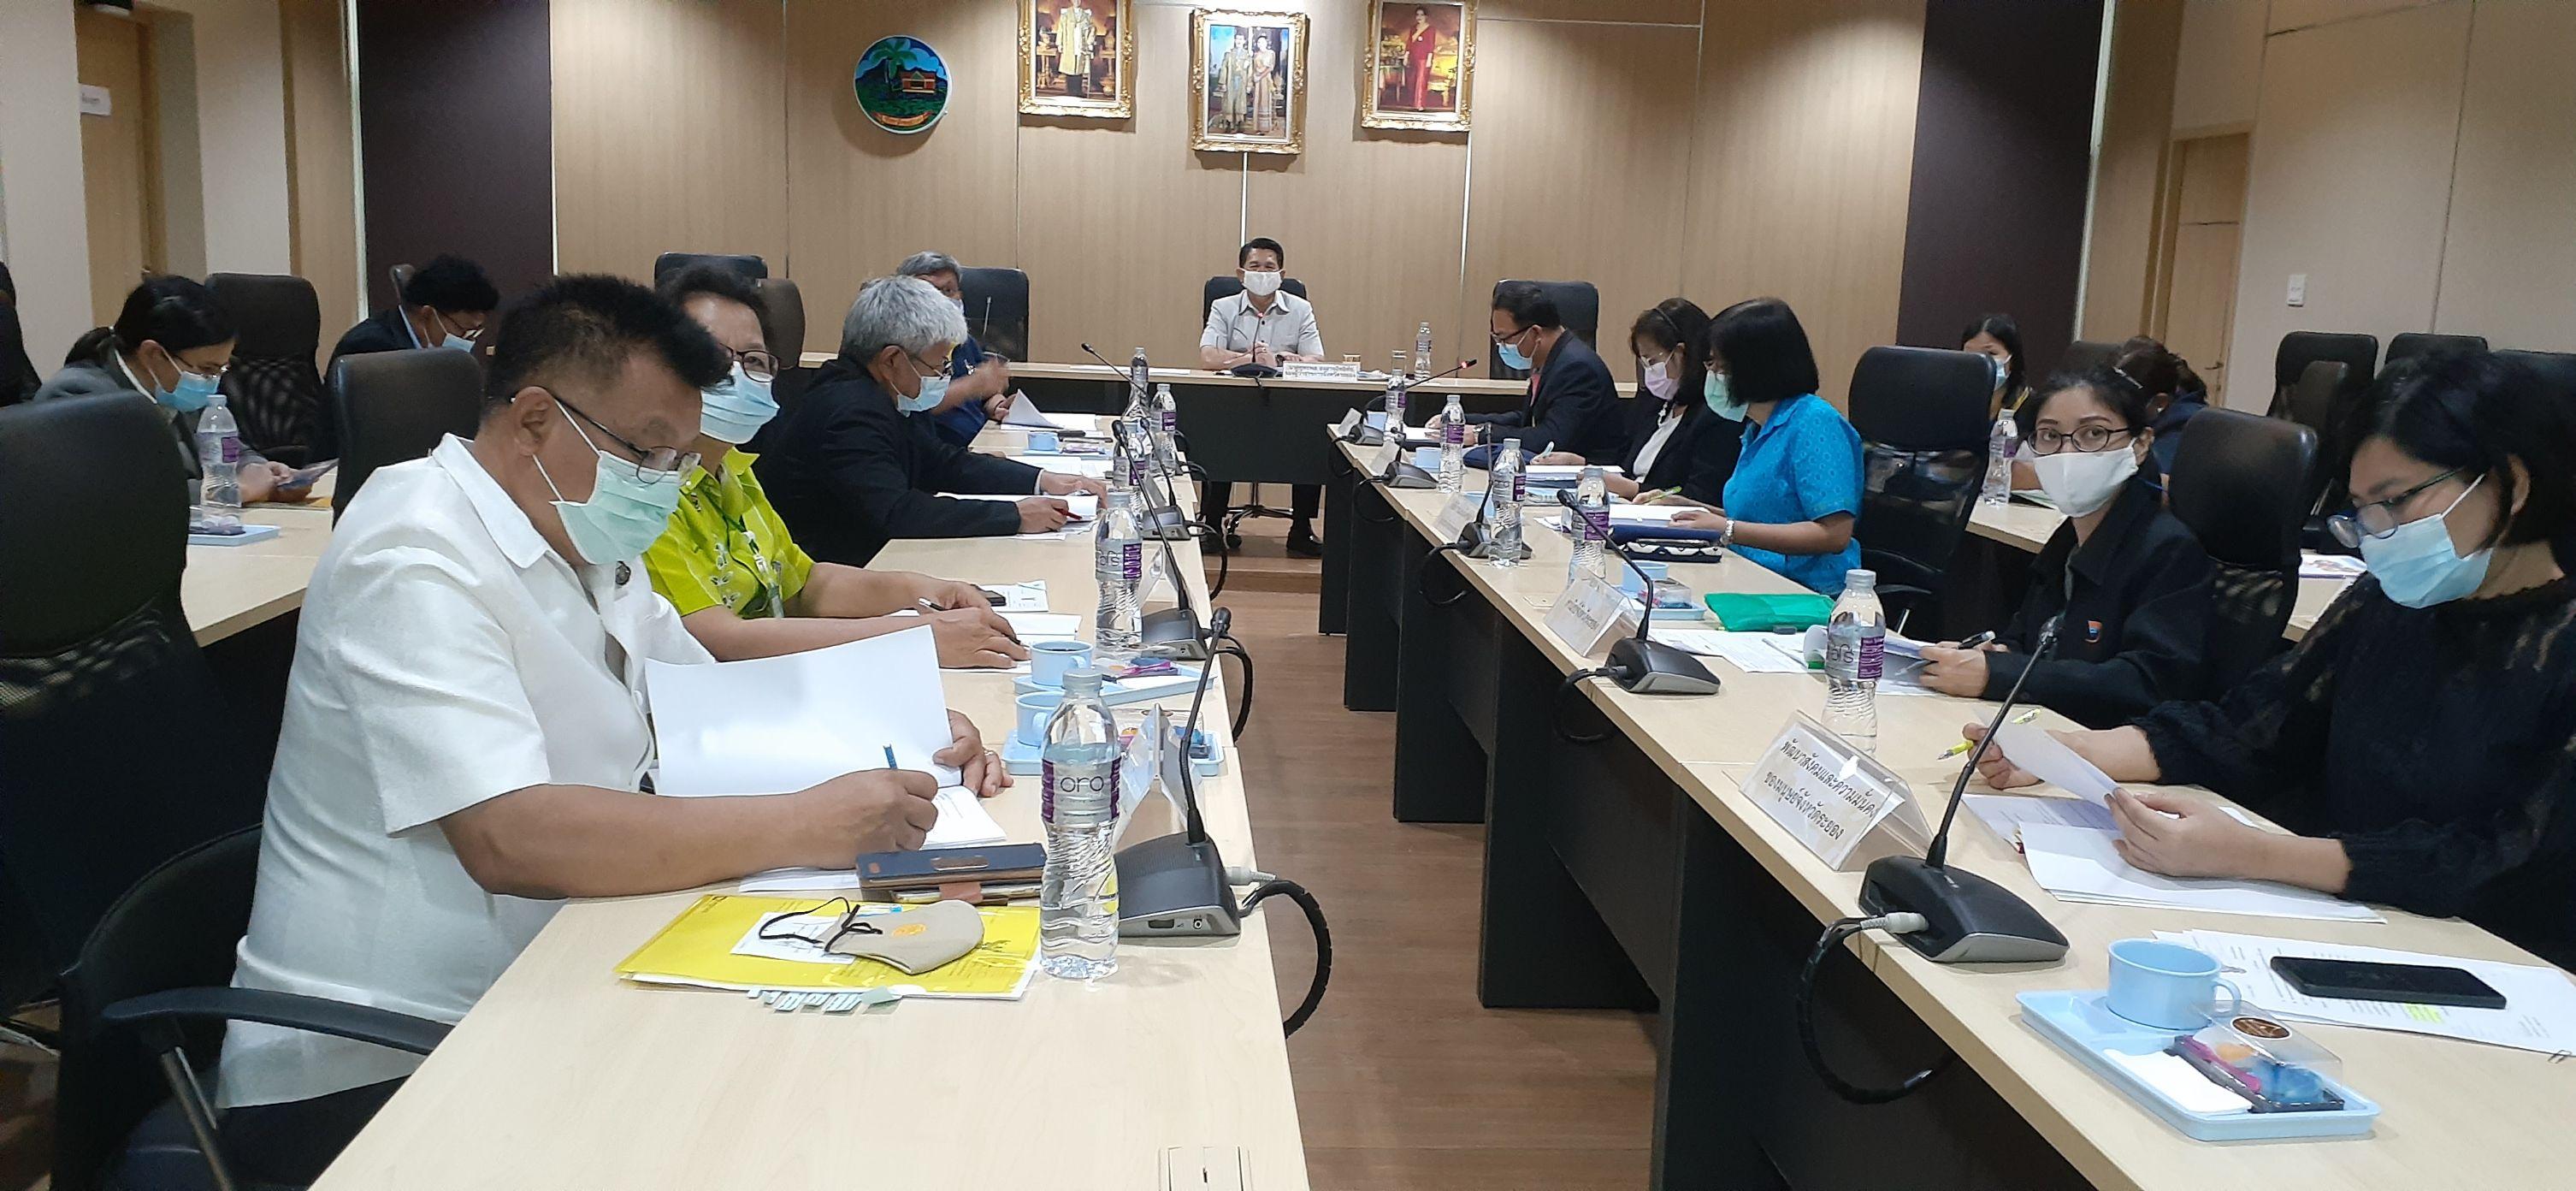 สำนักงานแรงงานจังหวัดระยอง จัดการประชุมคณะอนุกรรมการบริหารจัดการแรงงานนอกระบบ จังหวัดระยอง ครั้งที่ 1/2564